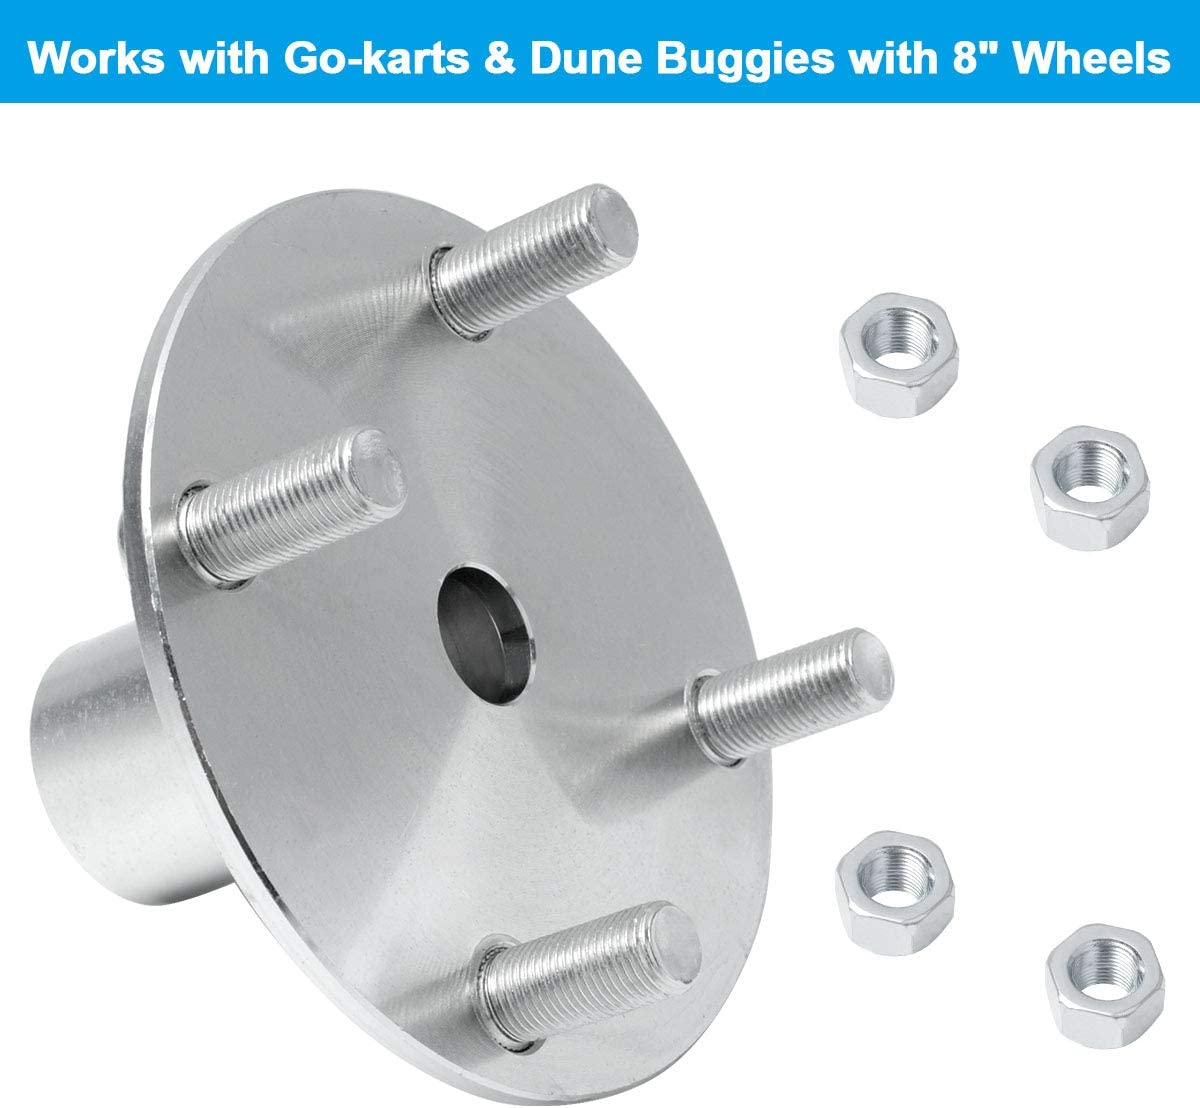 Gekufa Go Kart Live Axle Hub 4 x 4 with 2-3//4 Hub and 1 to 3//4 Step Down